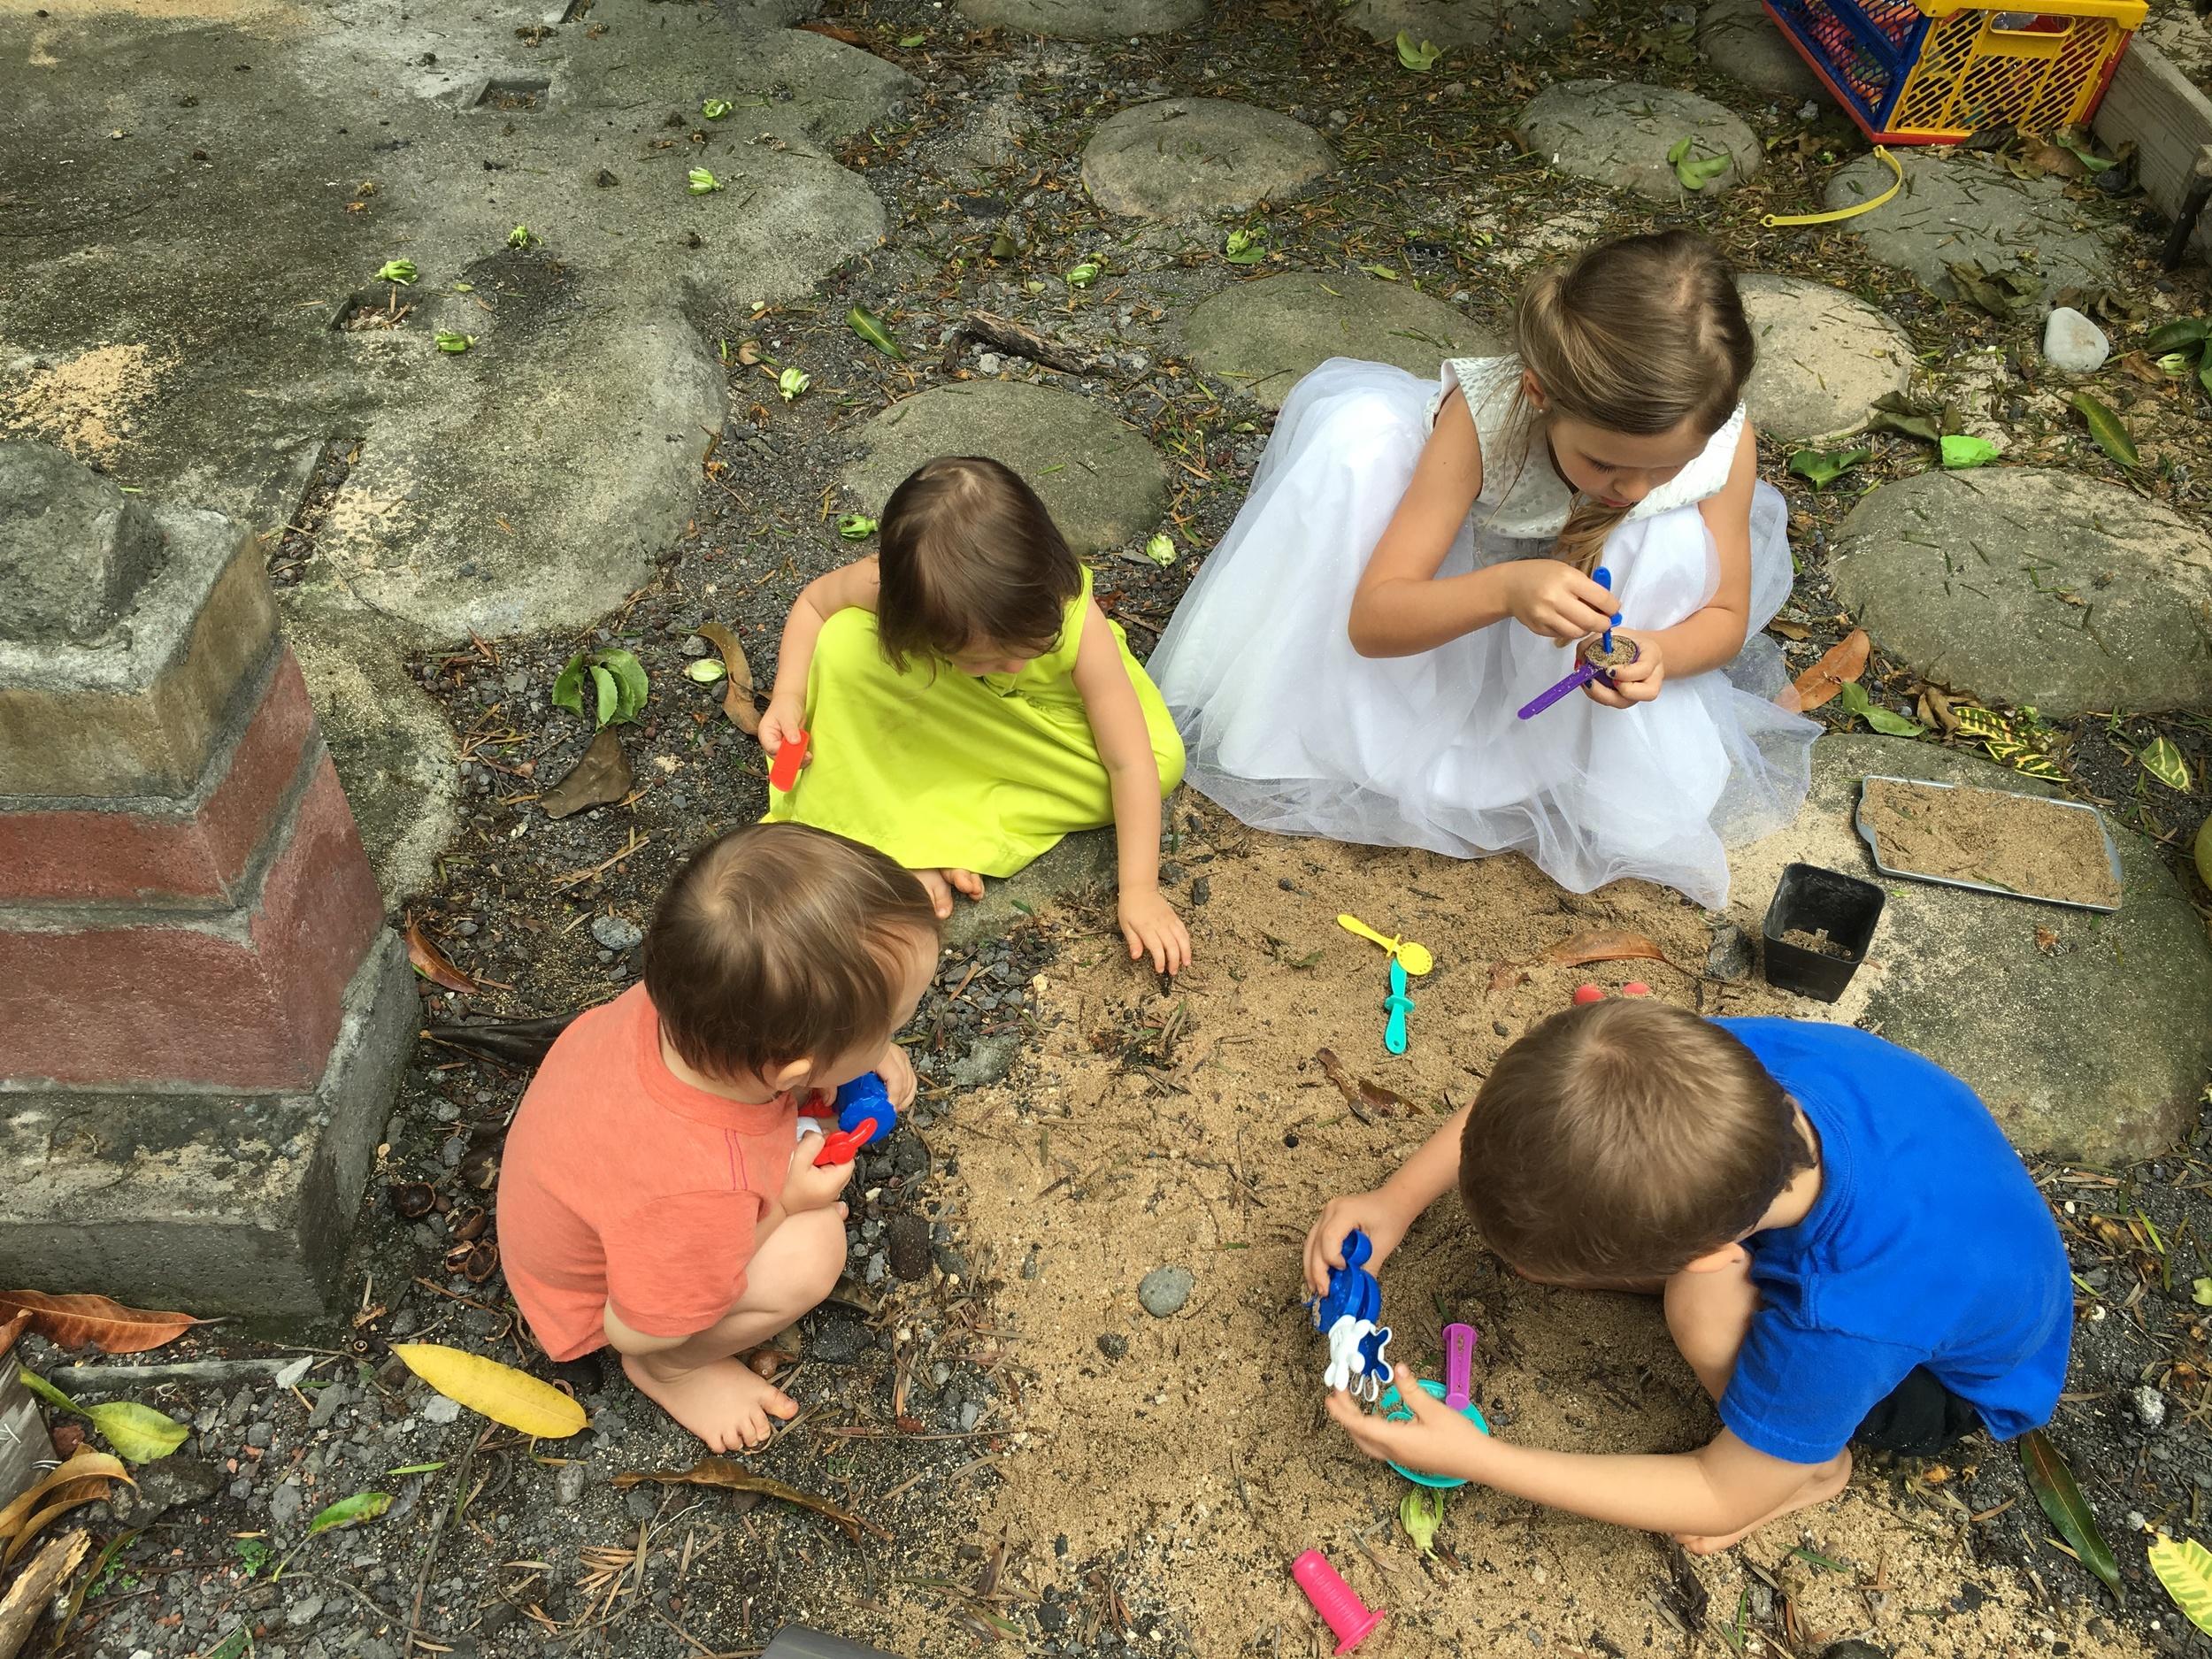 My kiddos playing together.